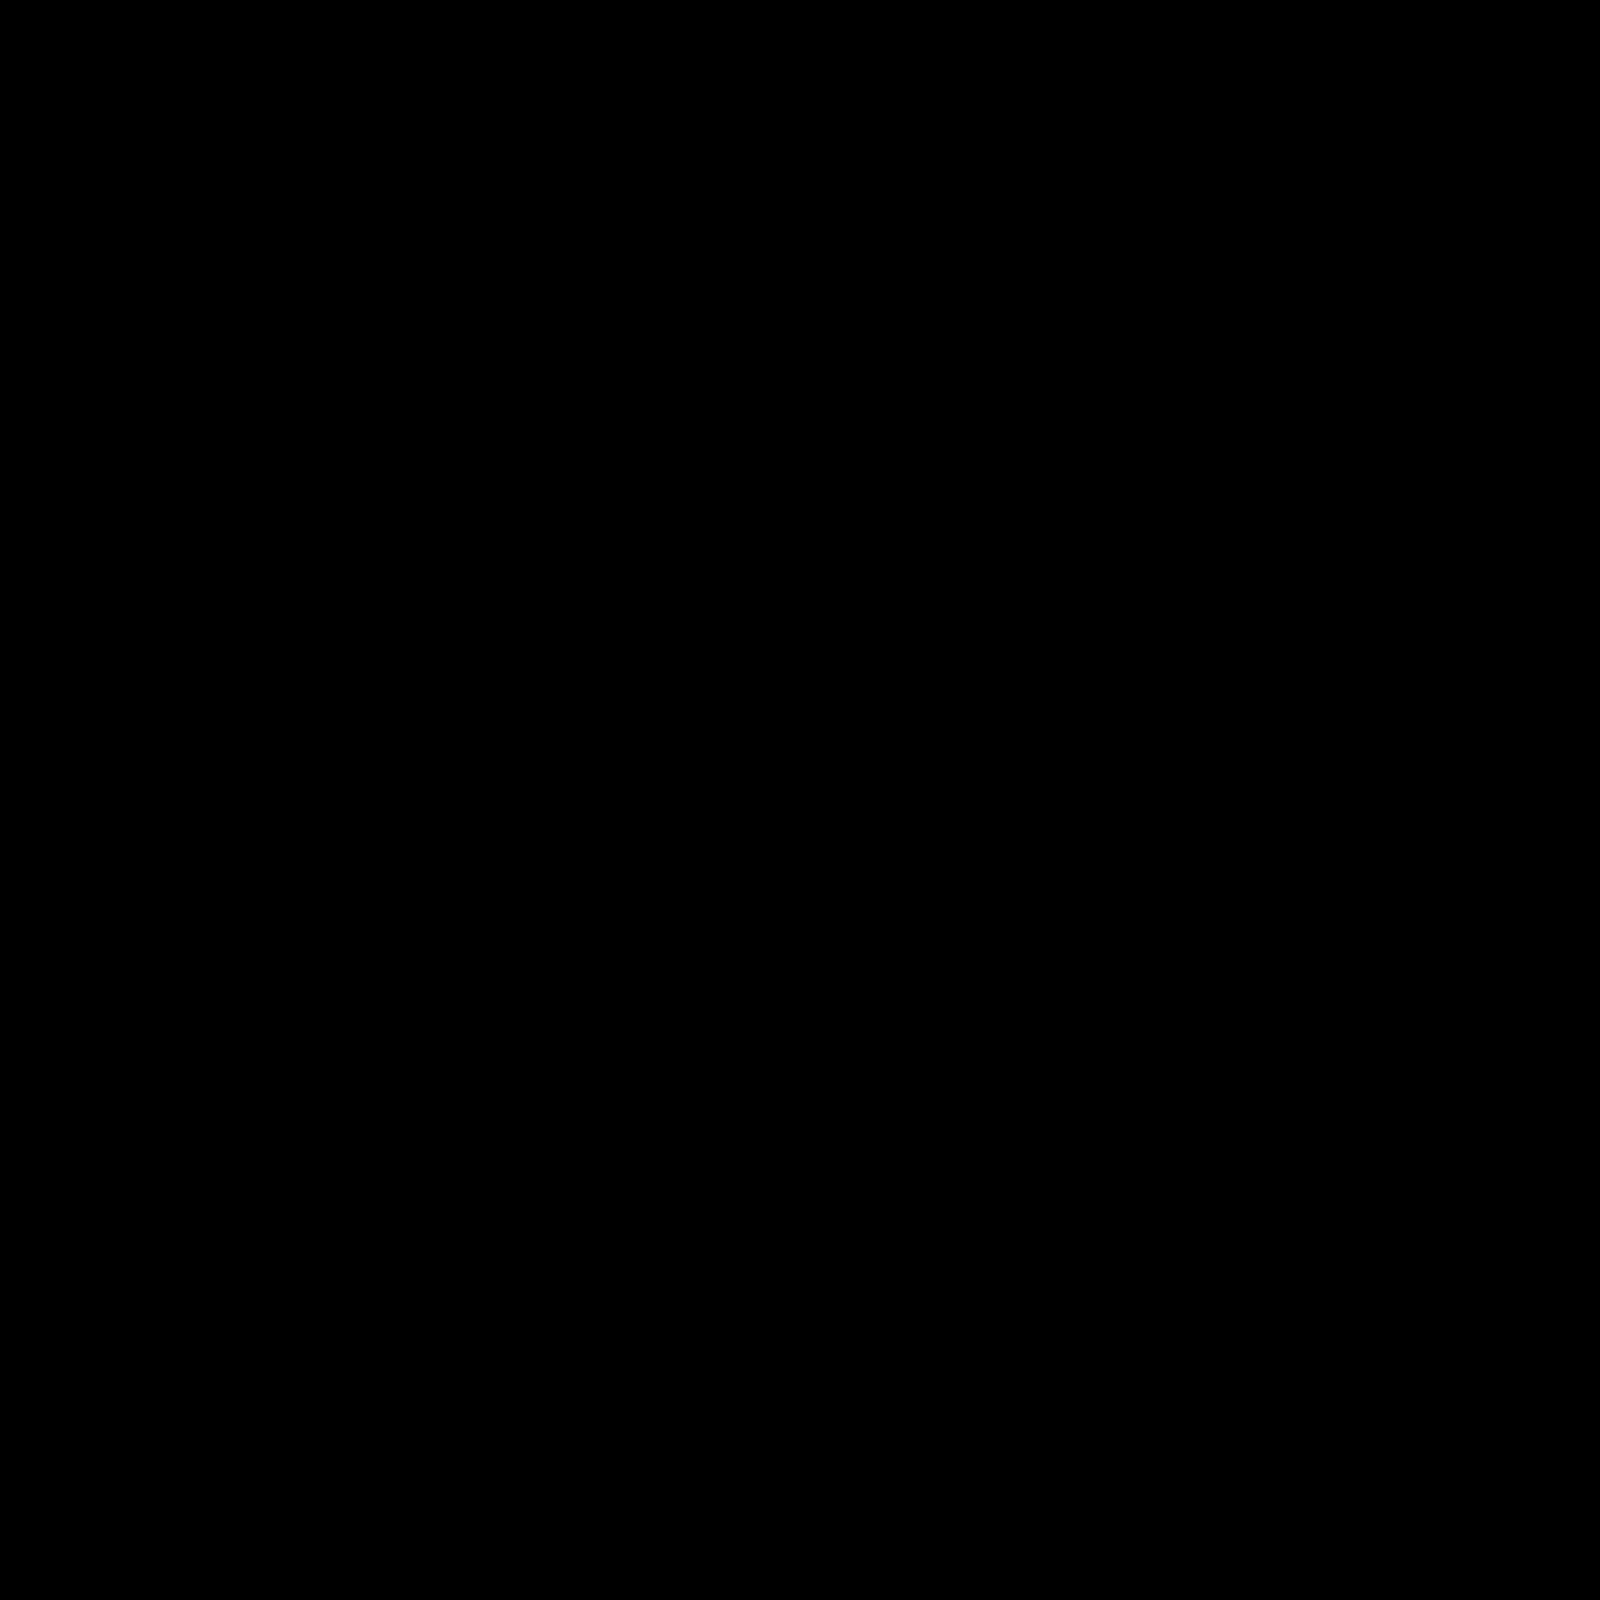 Exhibitor icon